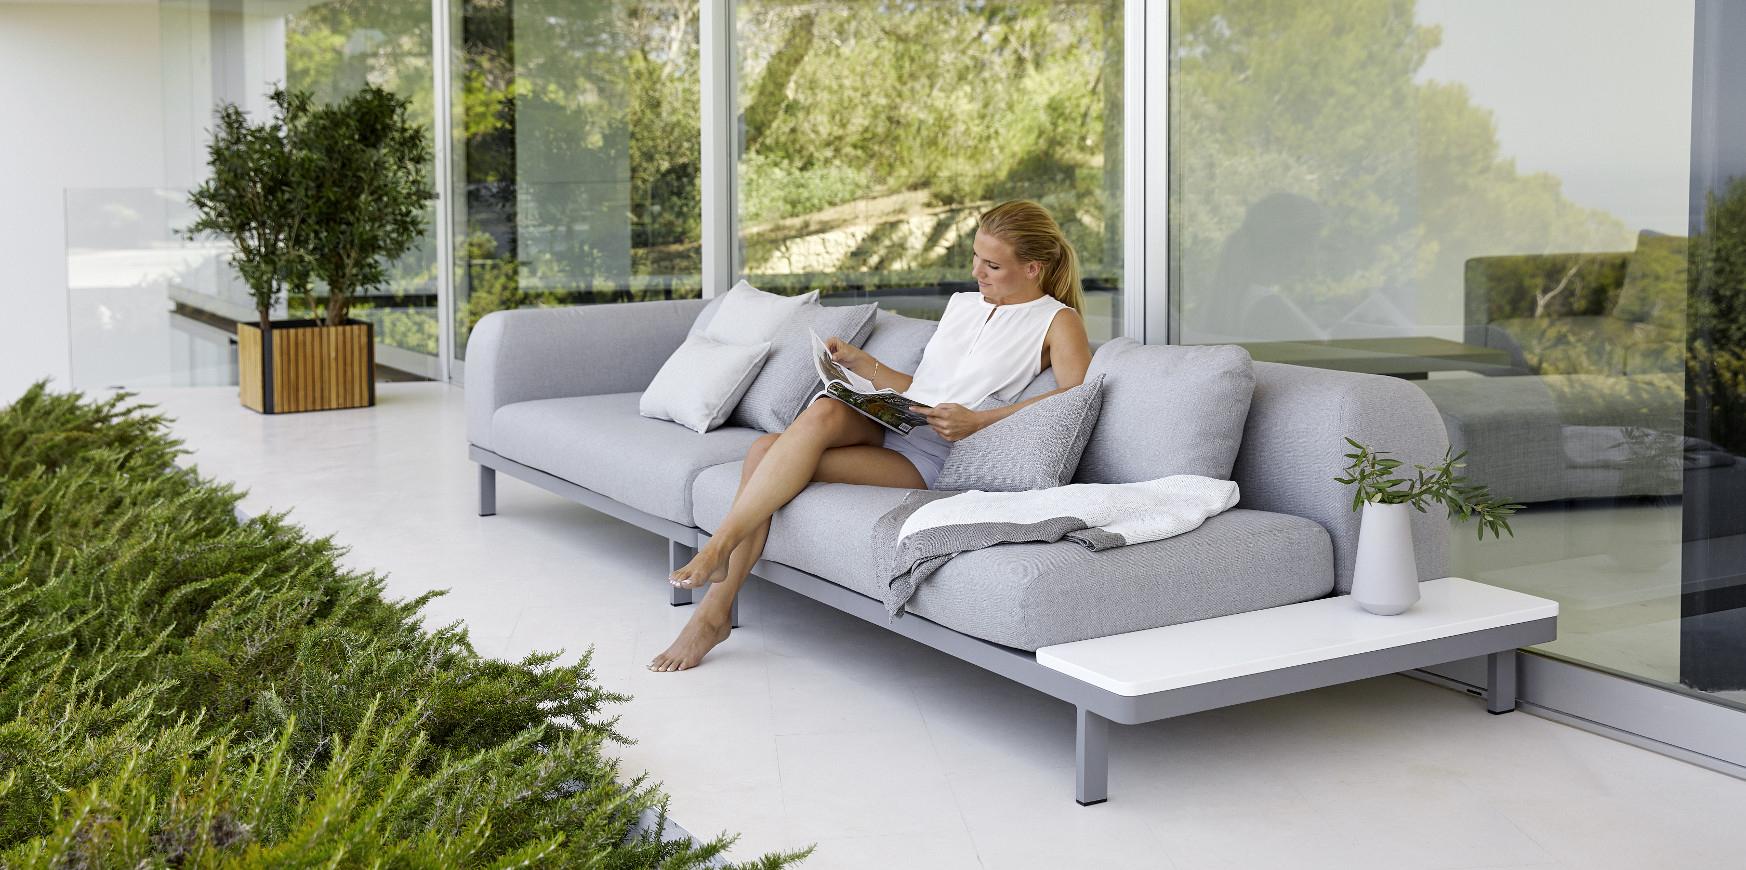 Mobilier De Jardin - Magasin De Meubles Extérieur Haut De ... encequiconcerne Salon De Jardin Design Luxe